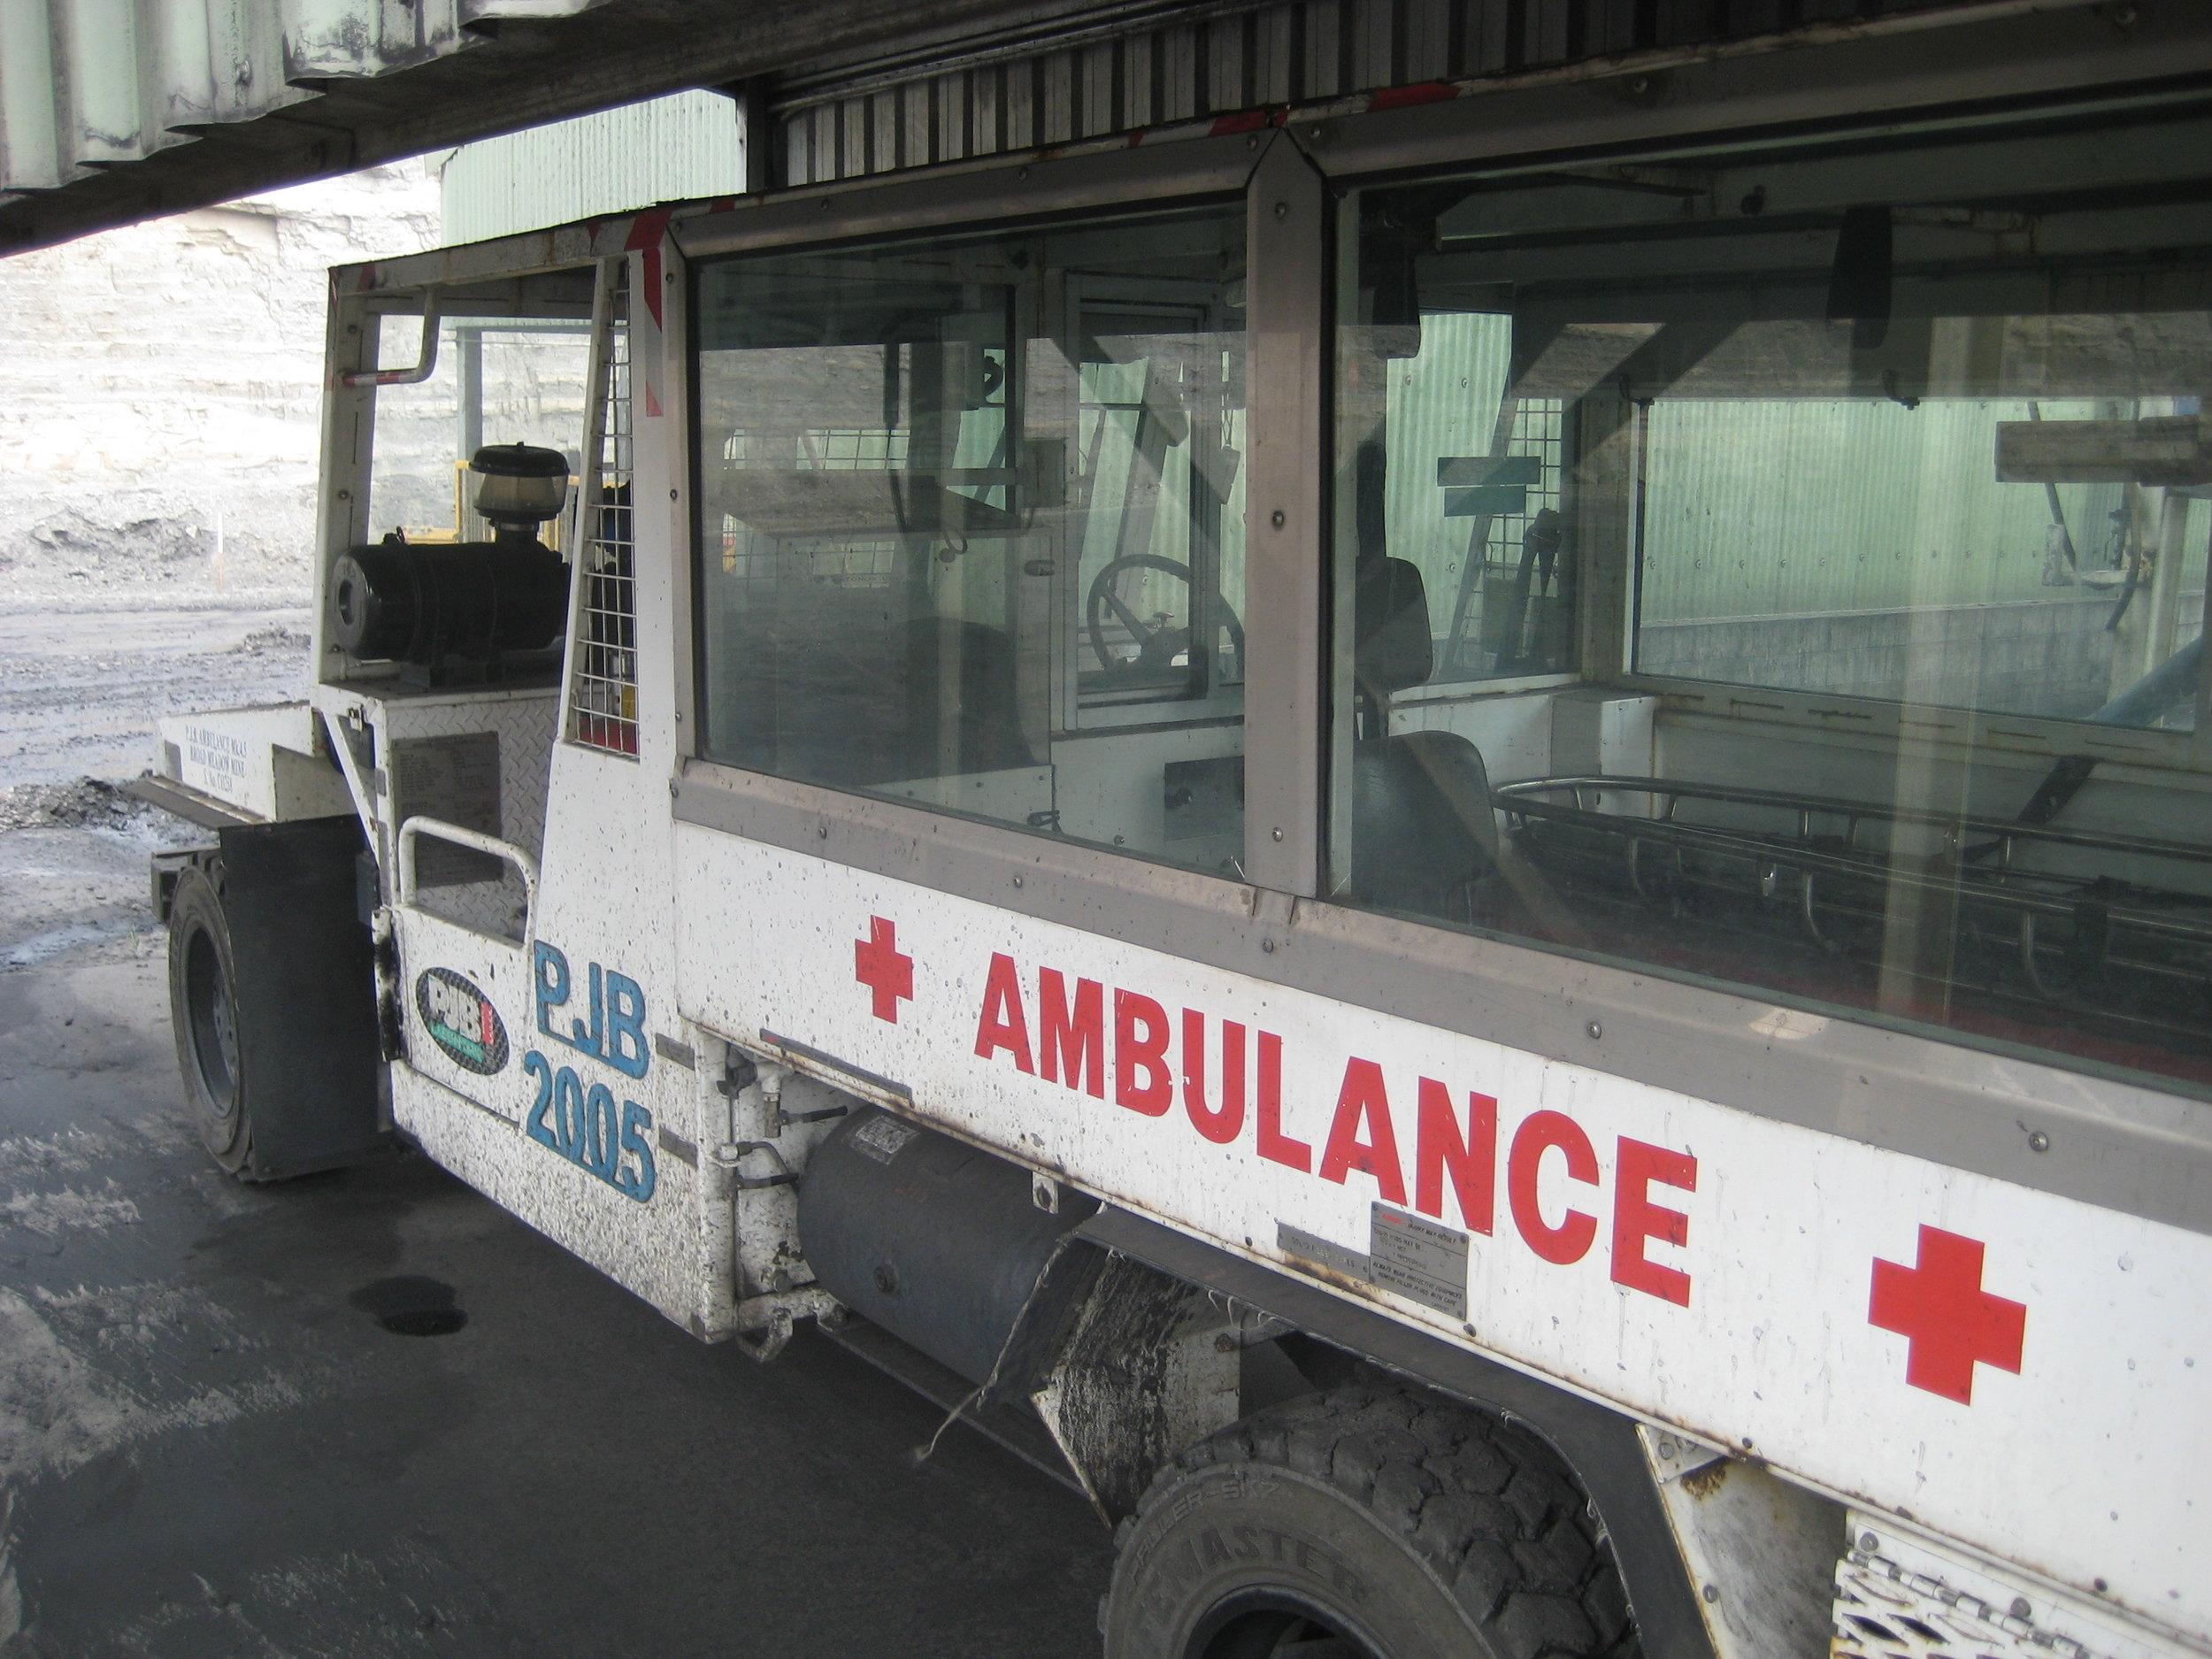 Emergency response vehicle